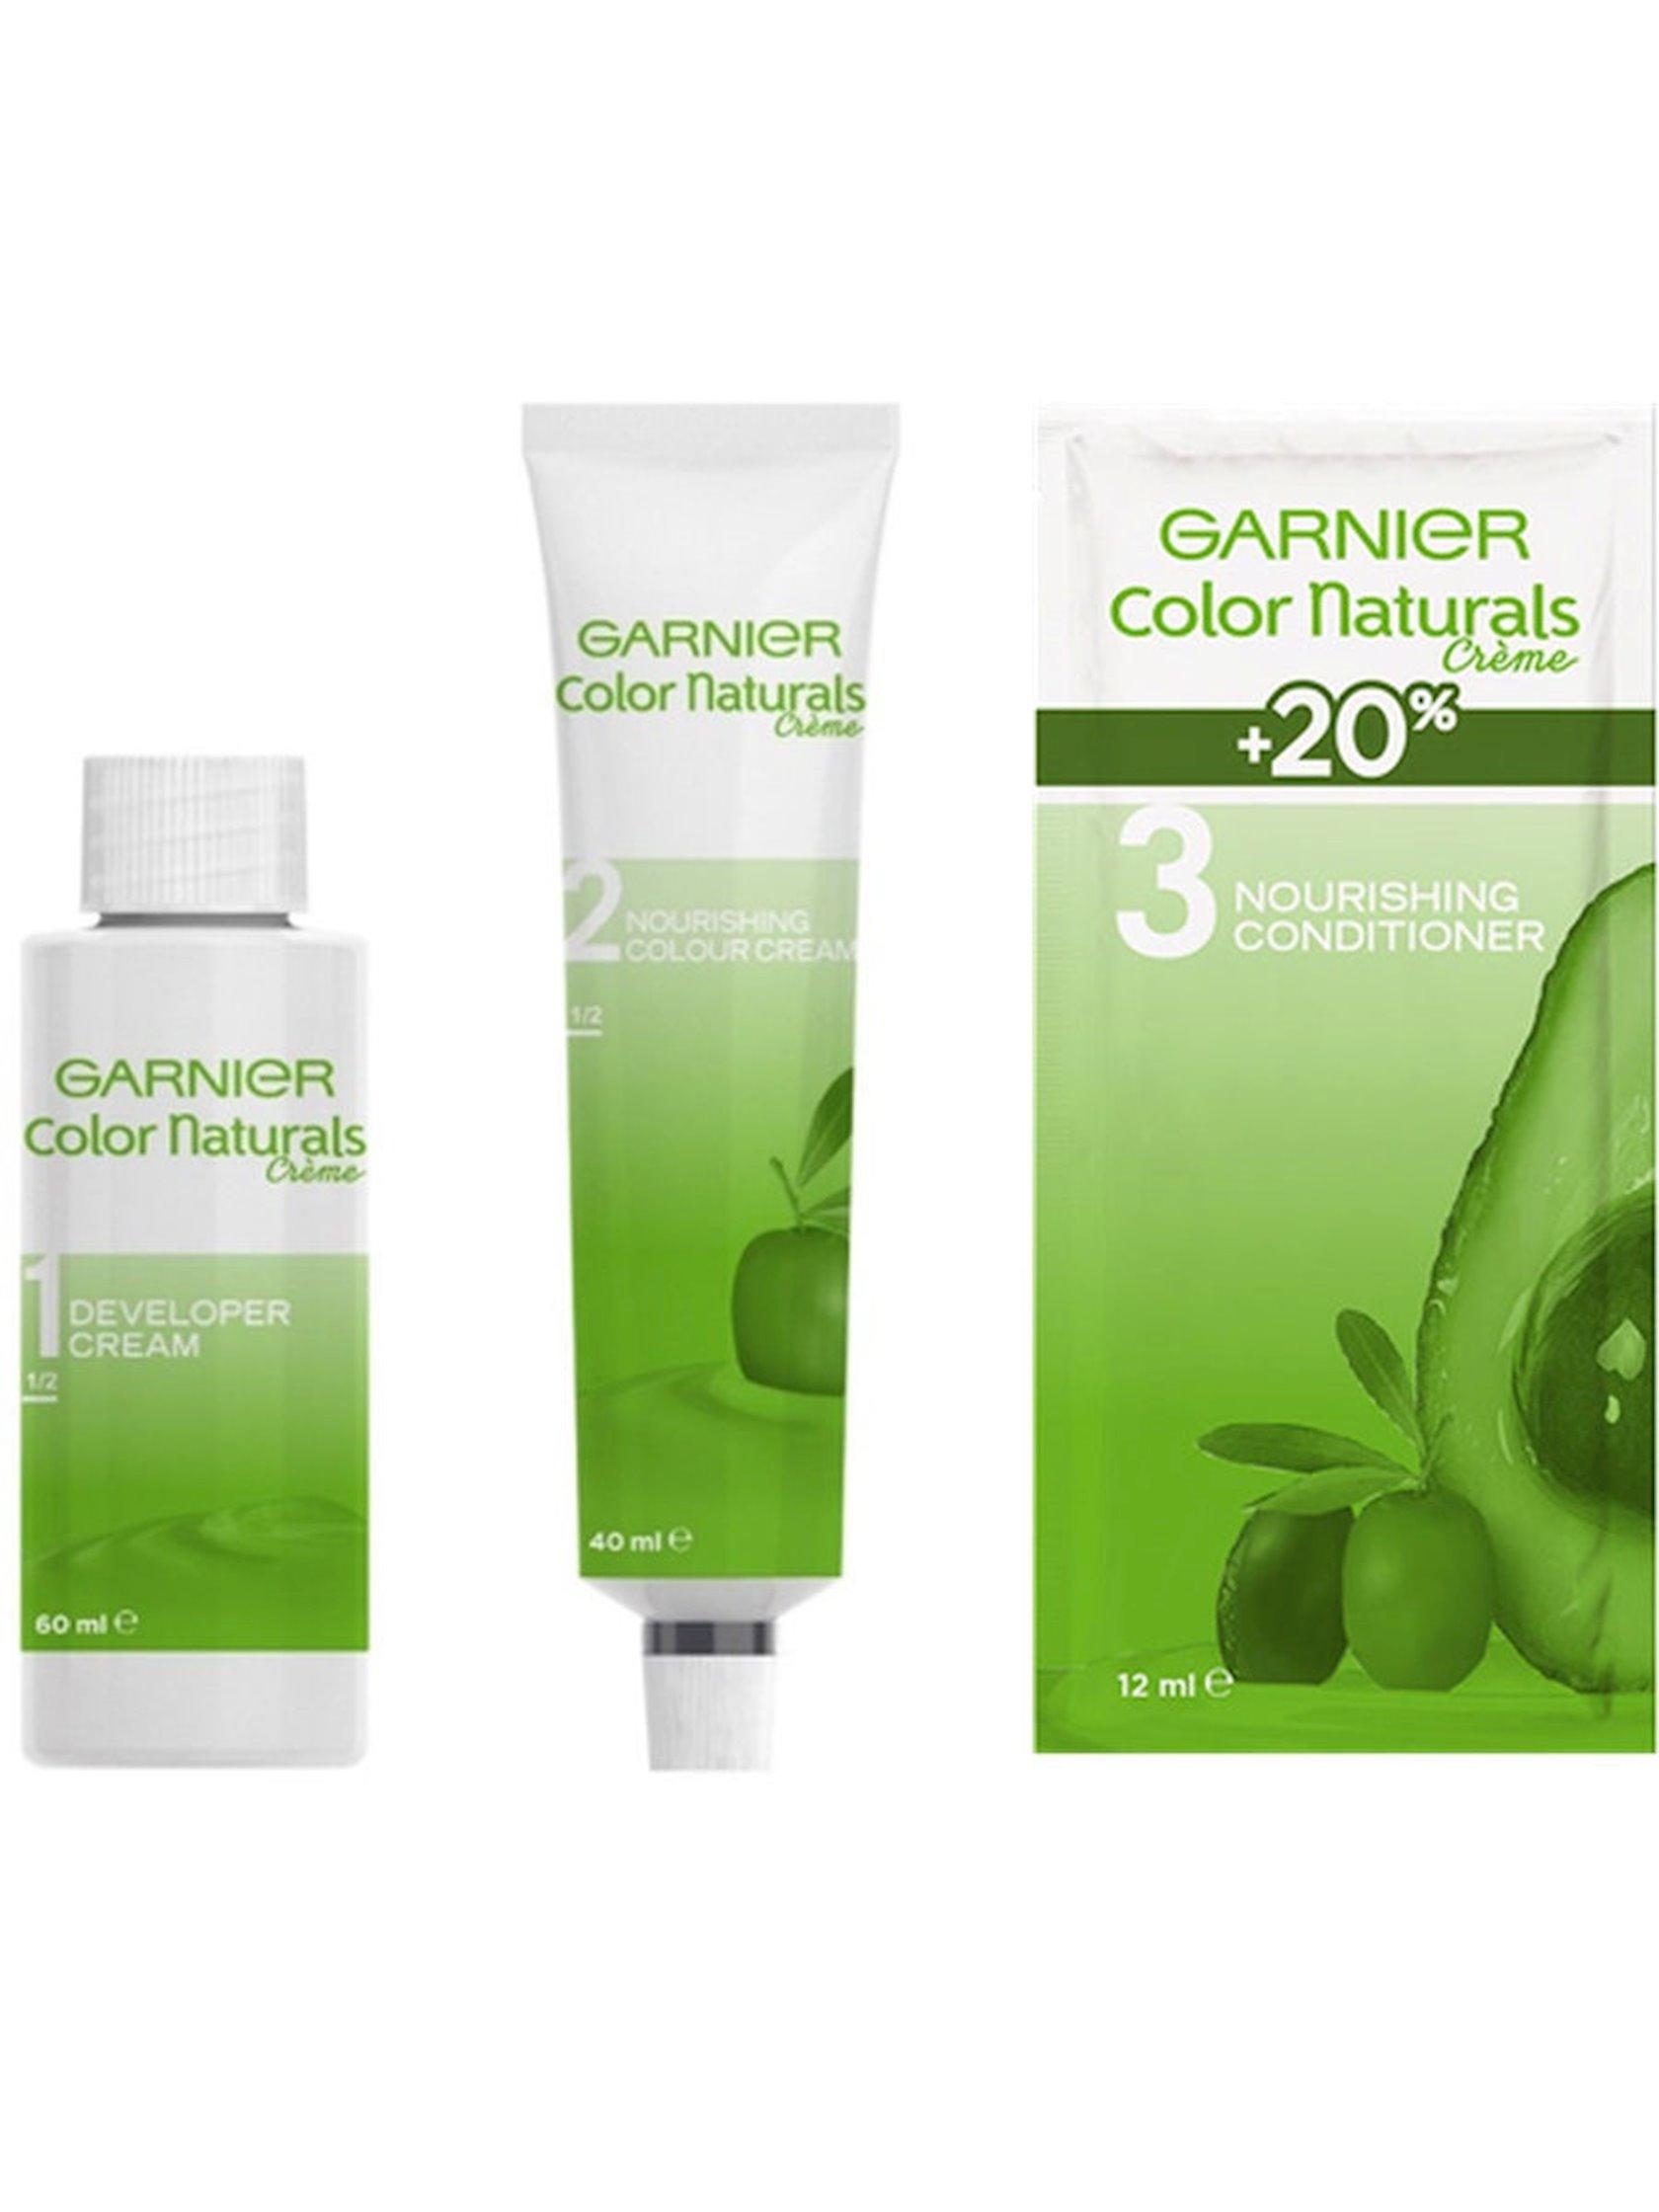 Saç üçün qalıcı krem-boya Garnier Color Naturals 4.15 Şaxtalı şabalıd